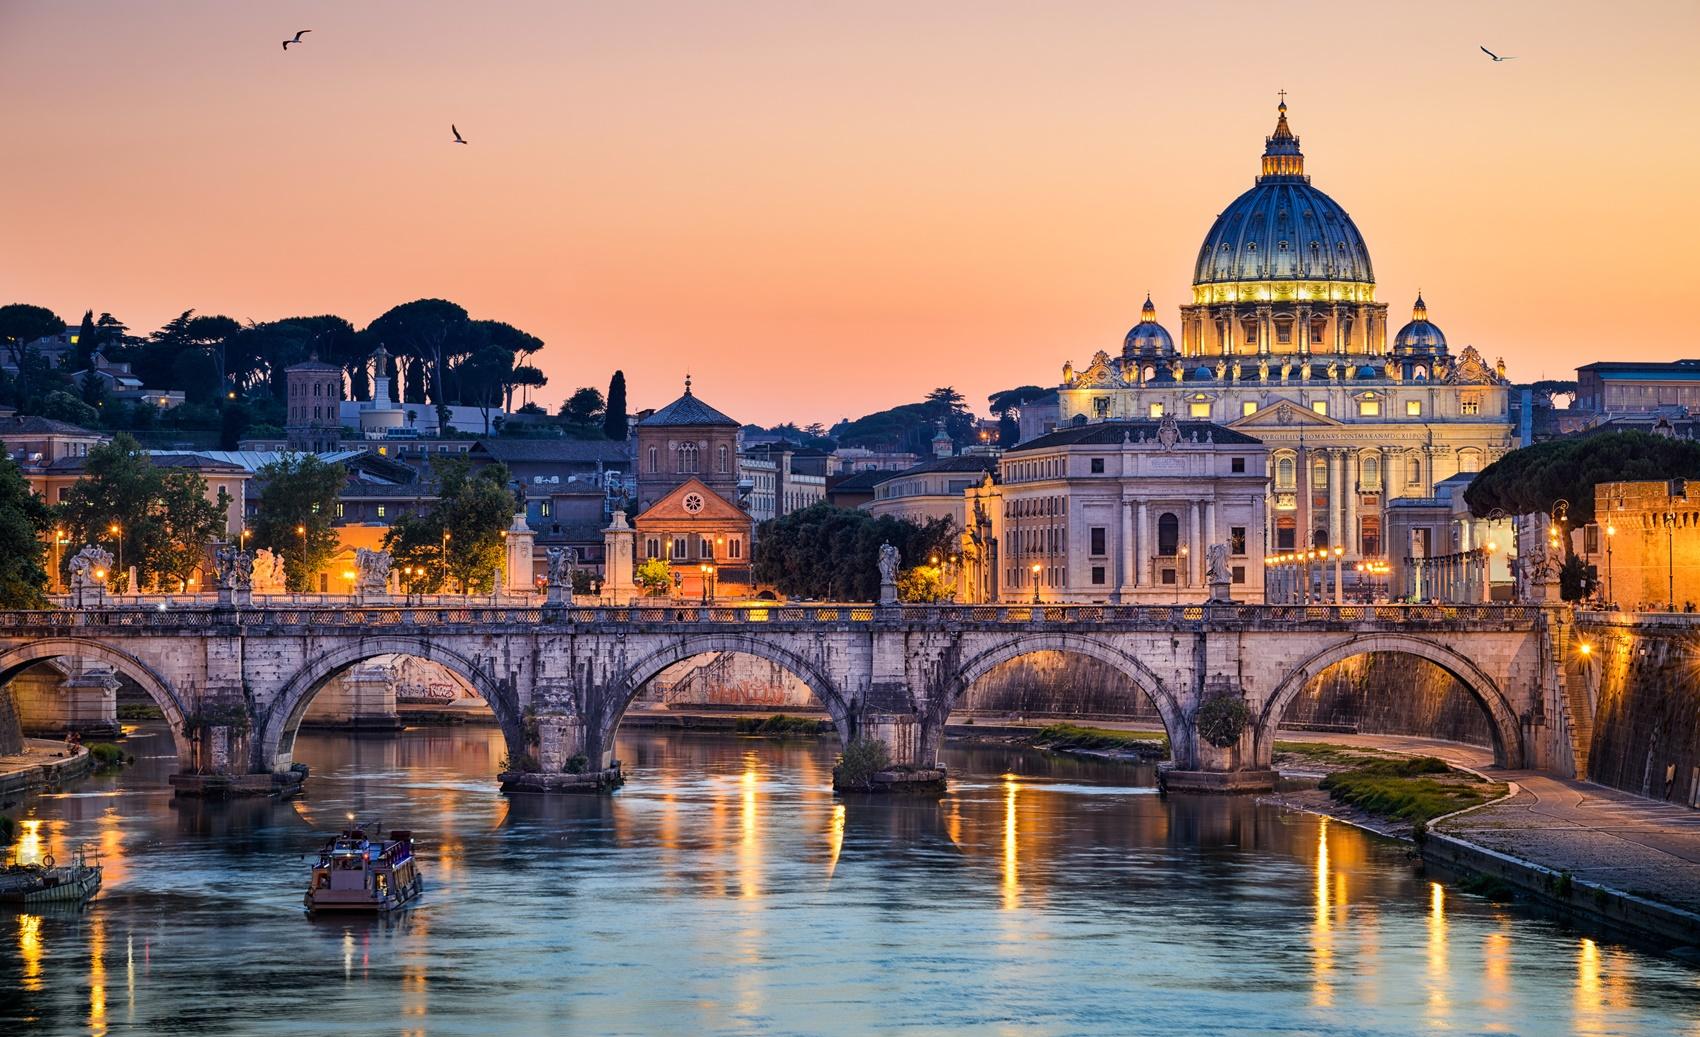 Rom Sehenswürdigkeiten Karte Deutsch.18 Top Rom Sehenswürdigkeiten Für Touristen 2019 Mit Fotos